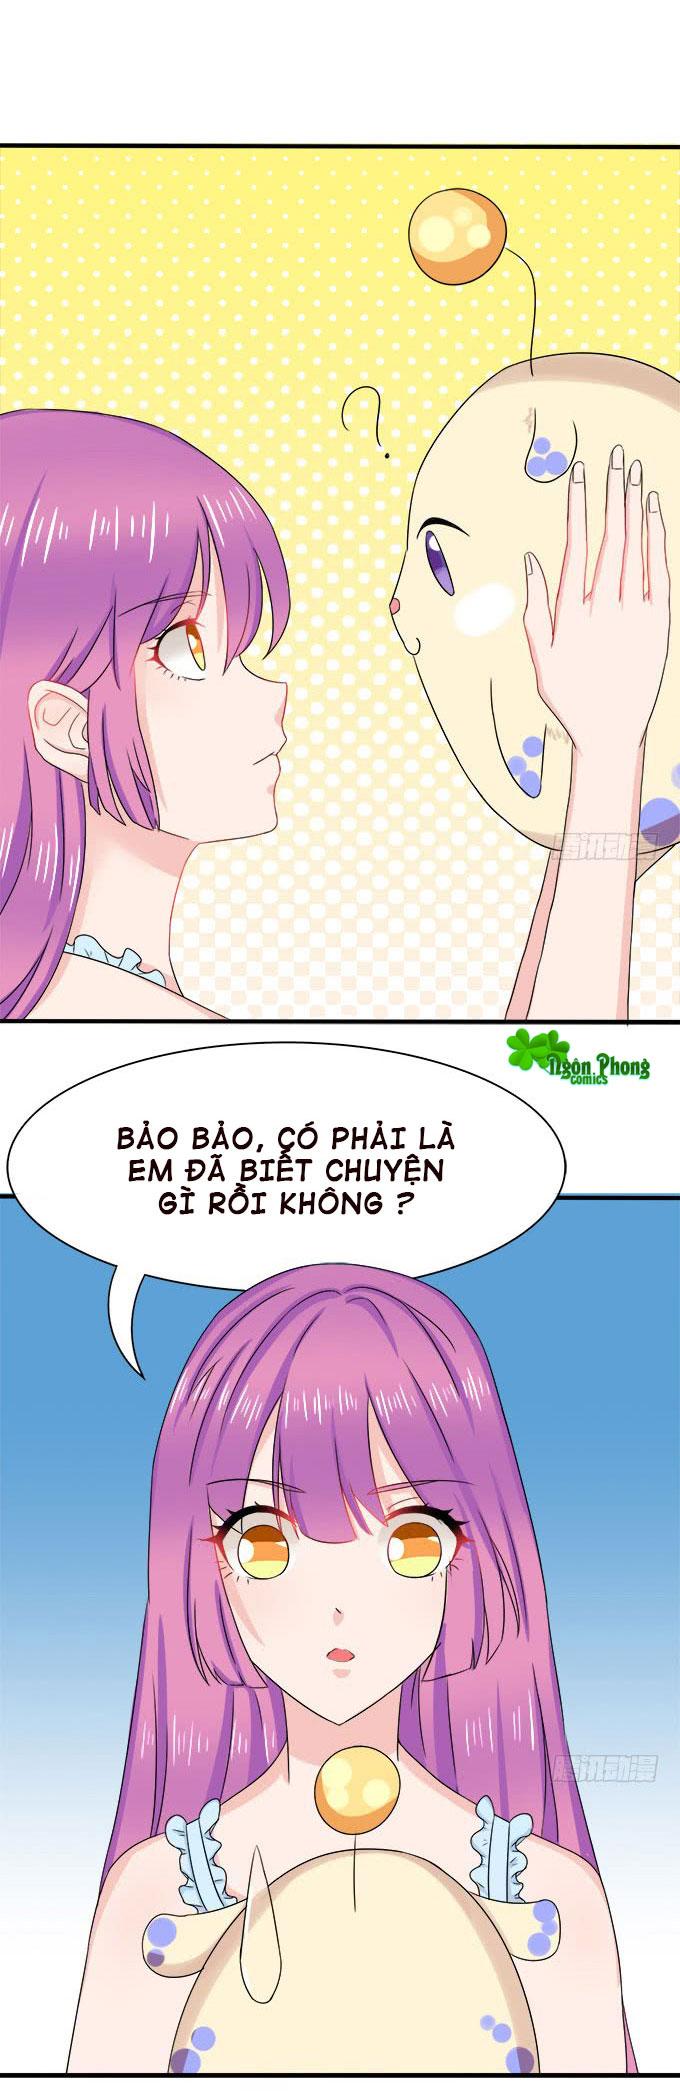 Ma Vương Luyến Ái Chỉ Nam Chap 72 - Next Chap 73